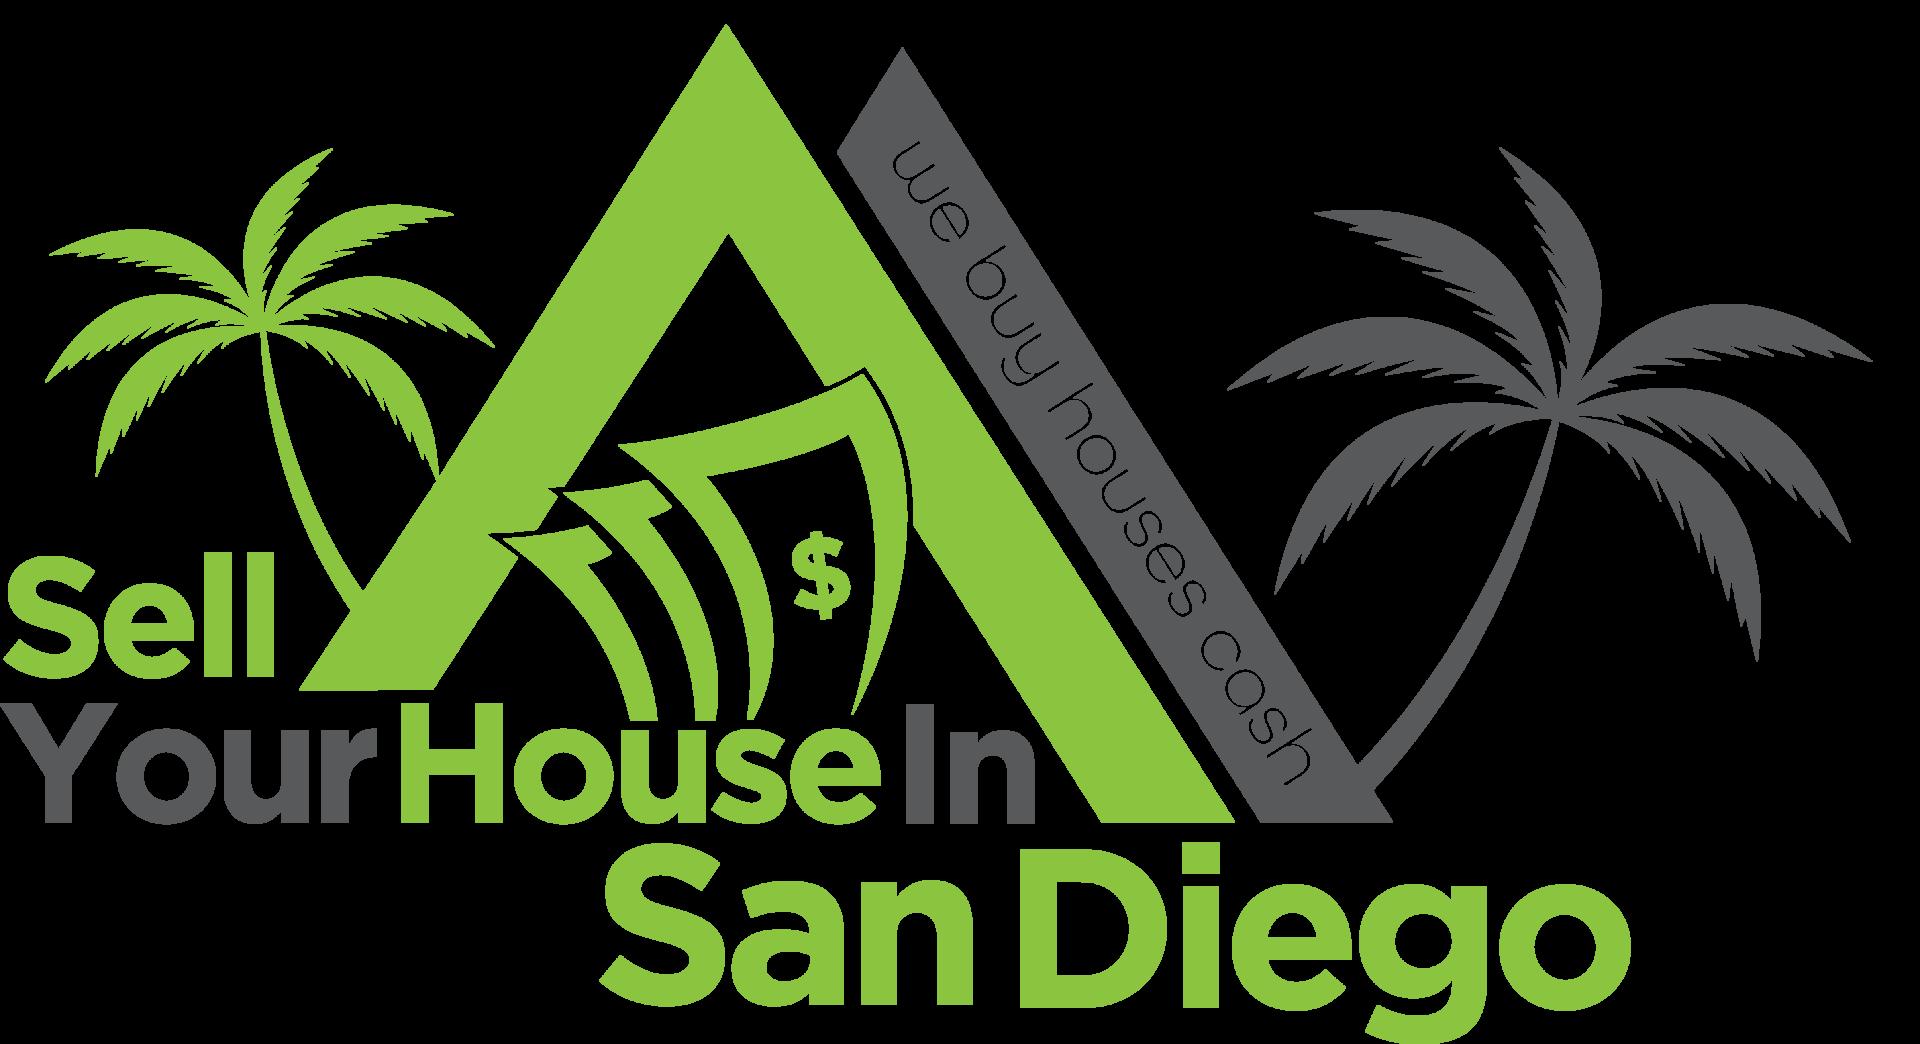 We Buy Houses In San Diego logo